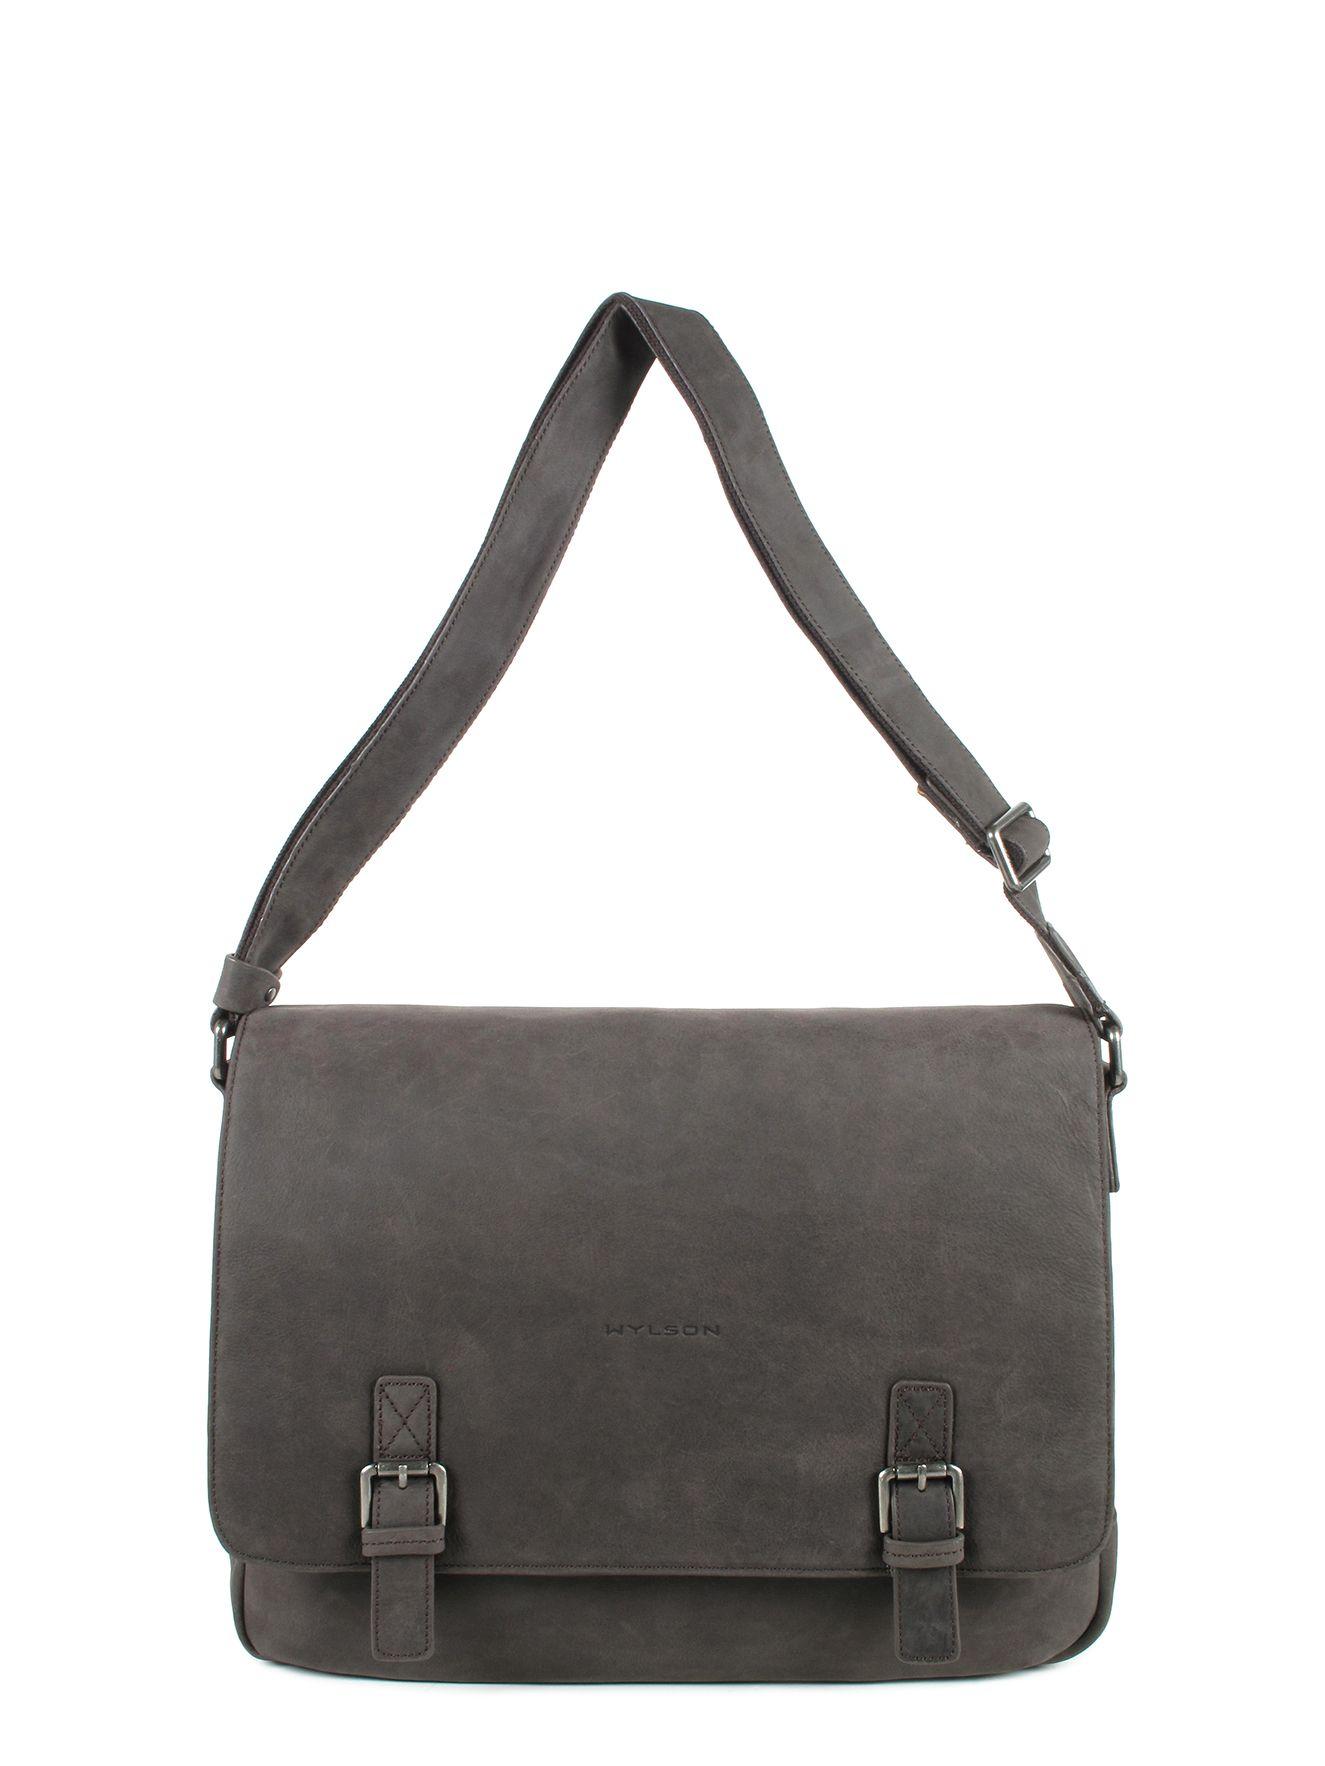 sac besace en cuir de vachette homme collection edward de wylson. Black Bedroom Furniture Sets. Home Design Ideas